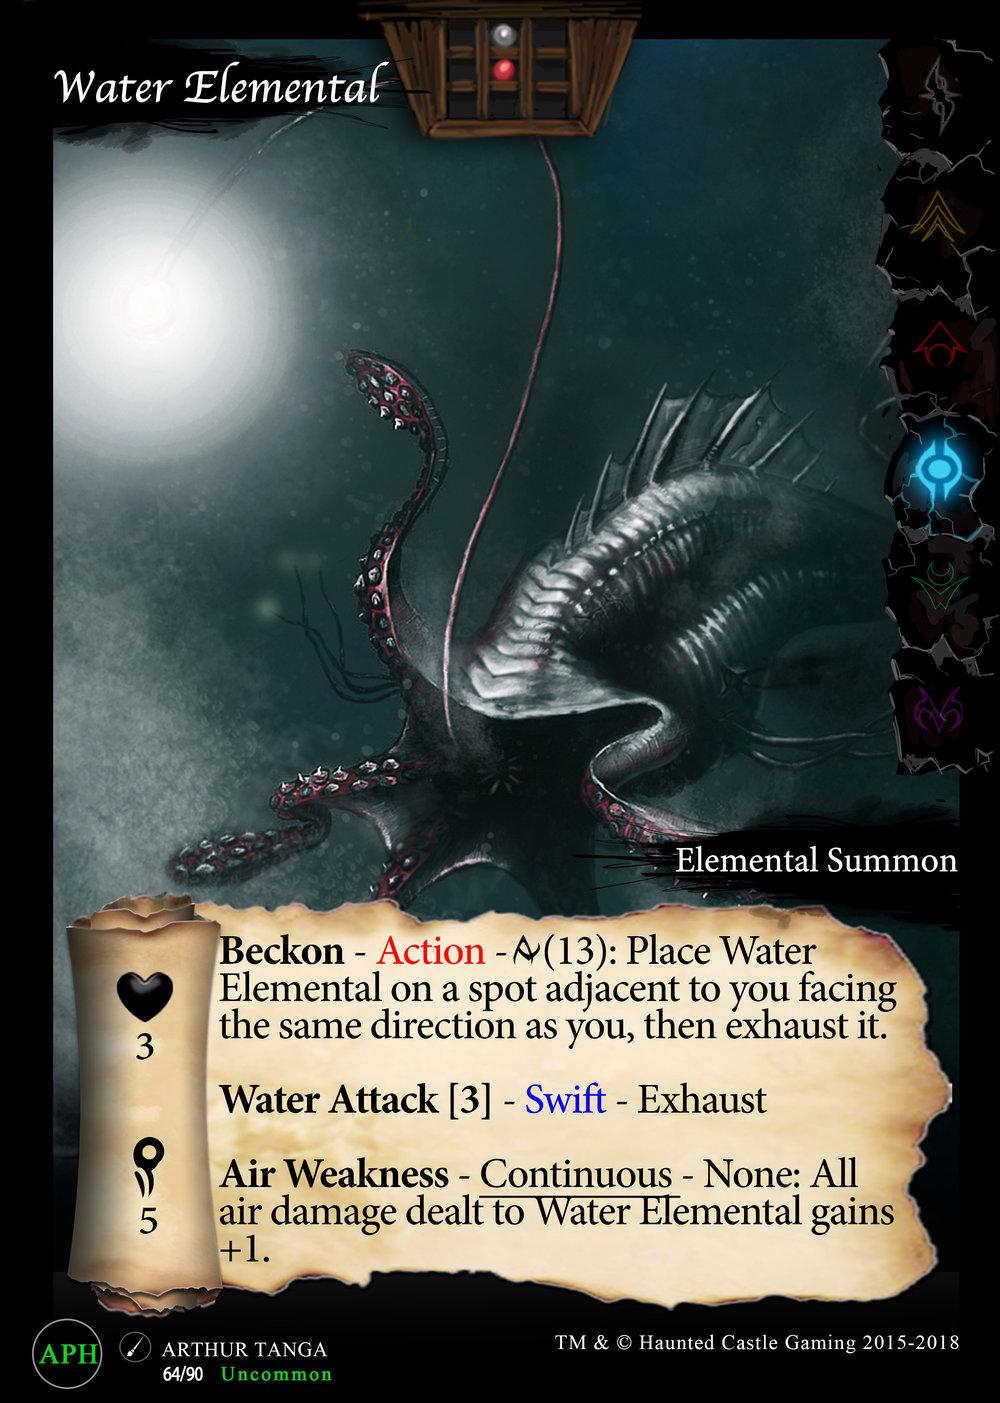 64-Water Elemental.jpg